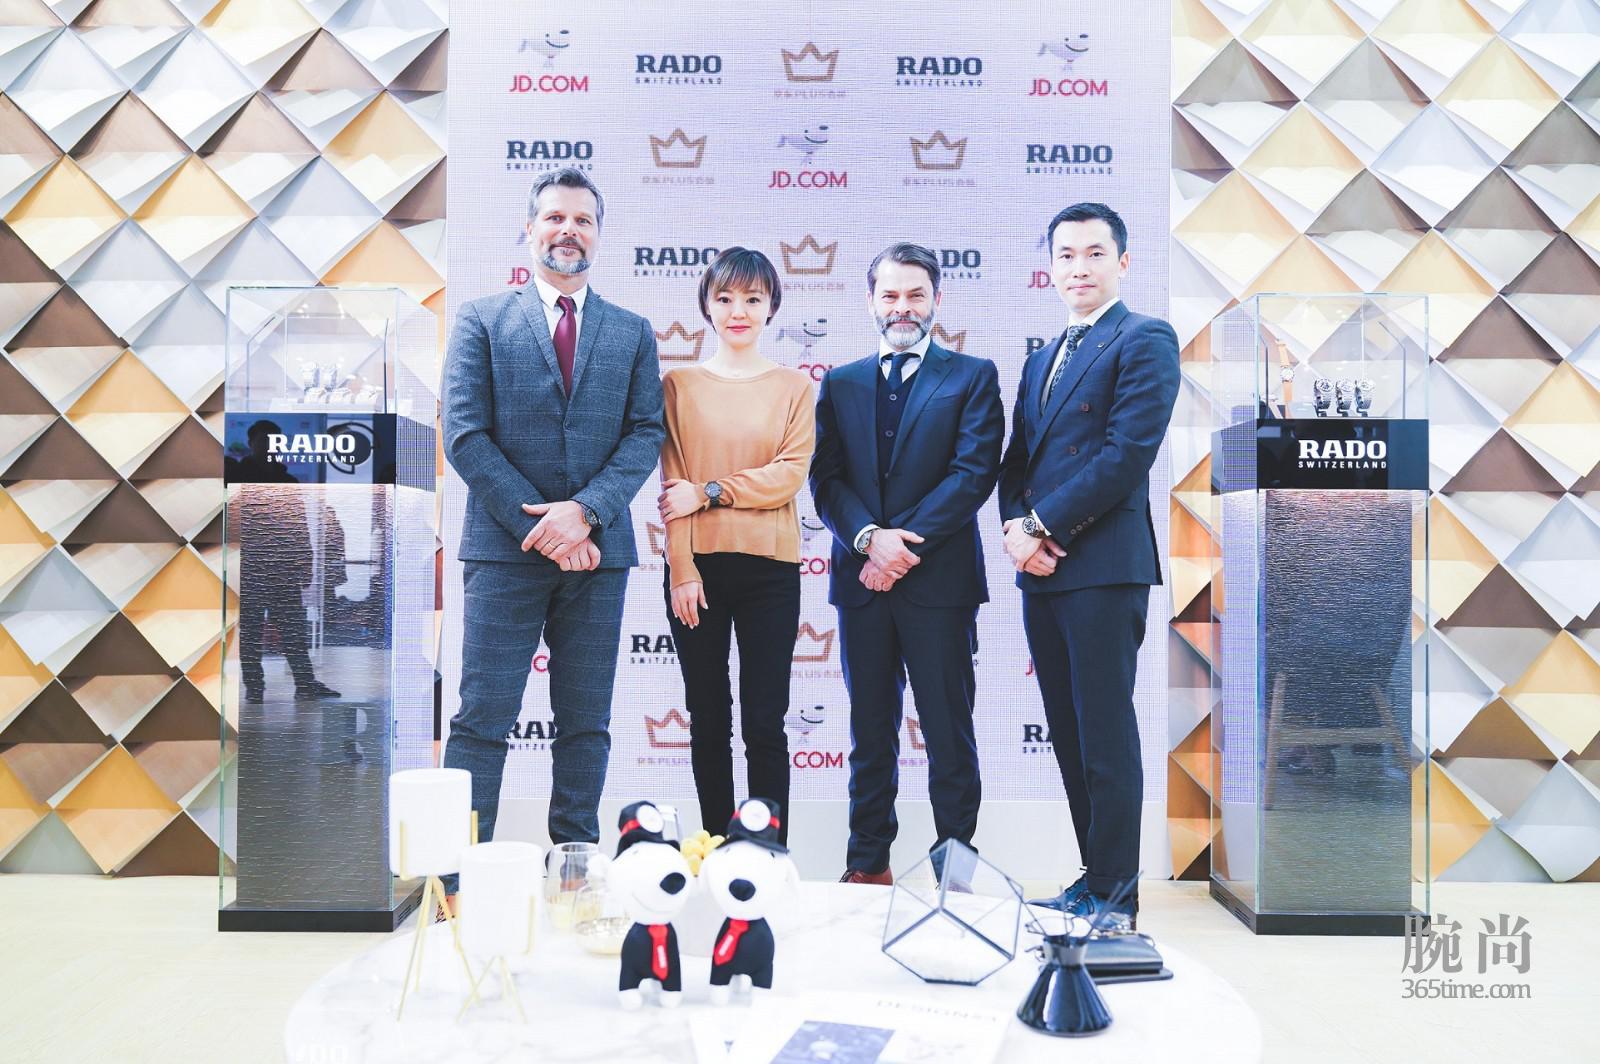 从左至右:RADO瑞士雷达表全球产品管理副总裁哈基姆·阿尔·卡迪里(Hakim El Kadiri)先生、京东商城时尚事业部钟表业务部总经理陈婉女士、RADO瑞士雷达表全球销售副总裁Carlos Cardenas先生、RADO瑞士雷达表中国区品牌经理Wayne Huang先生_图1.jpg